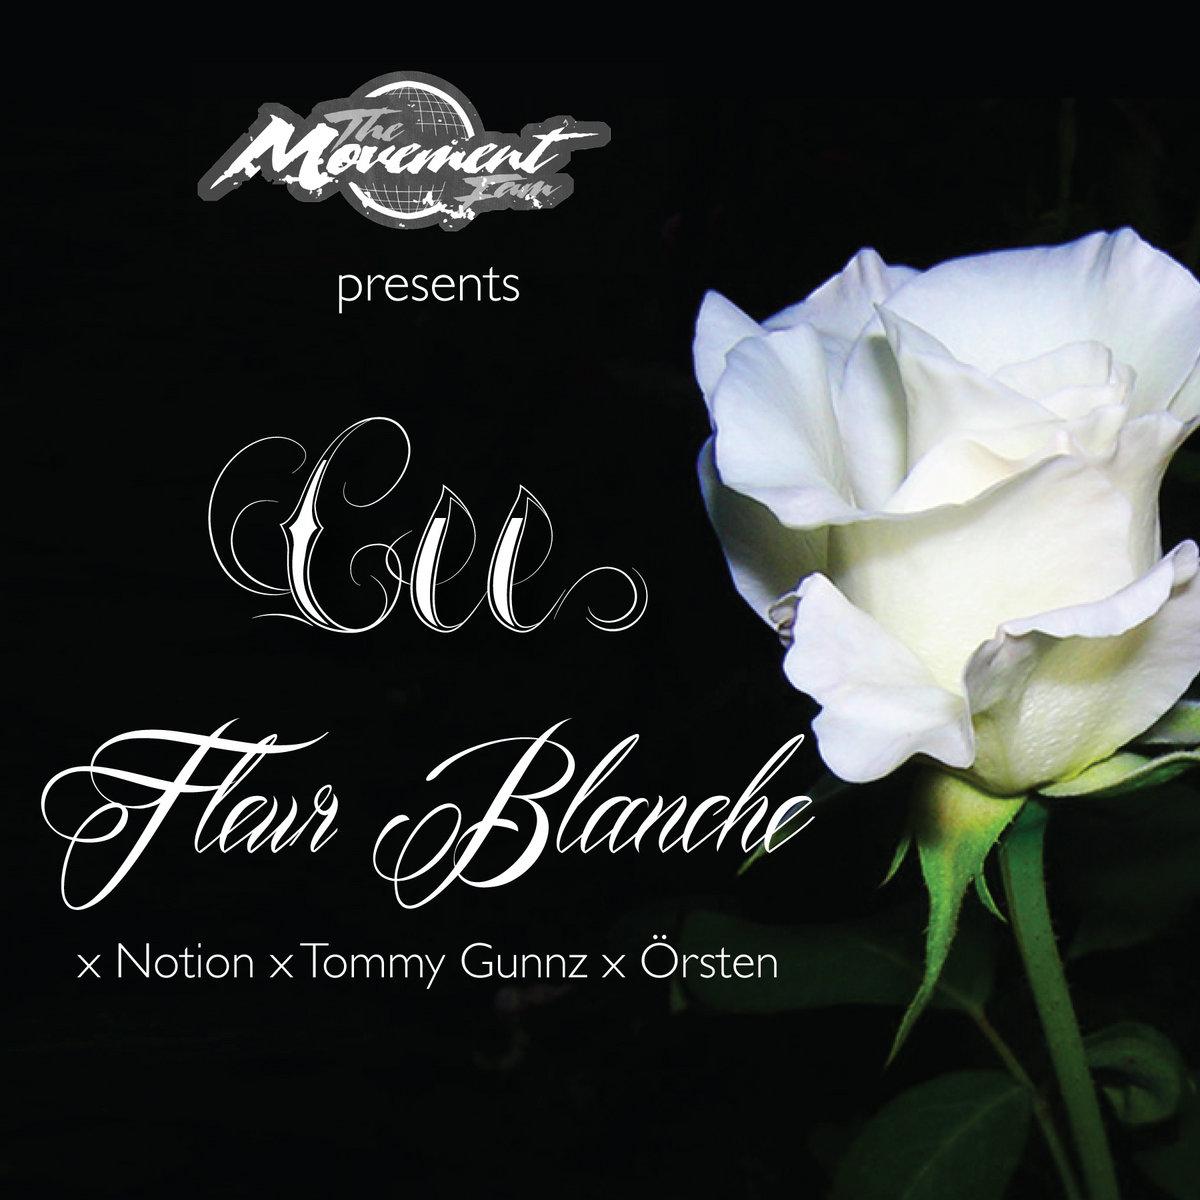 Fleur Blanche X Notion X Tommy Gunnz X Orsten Cee